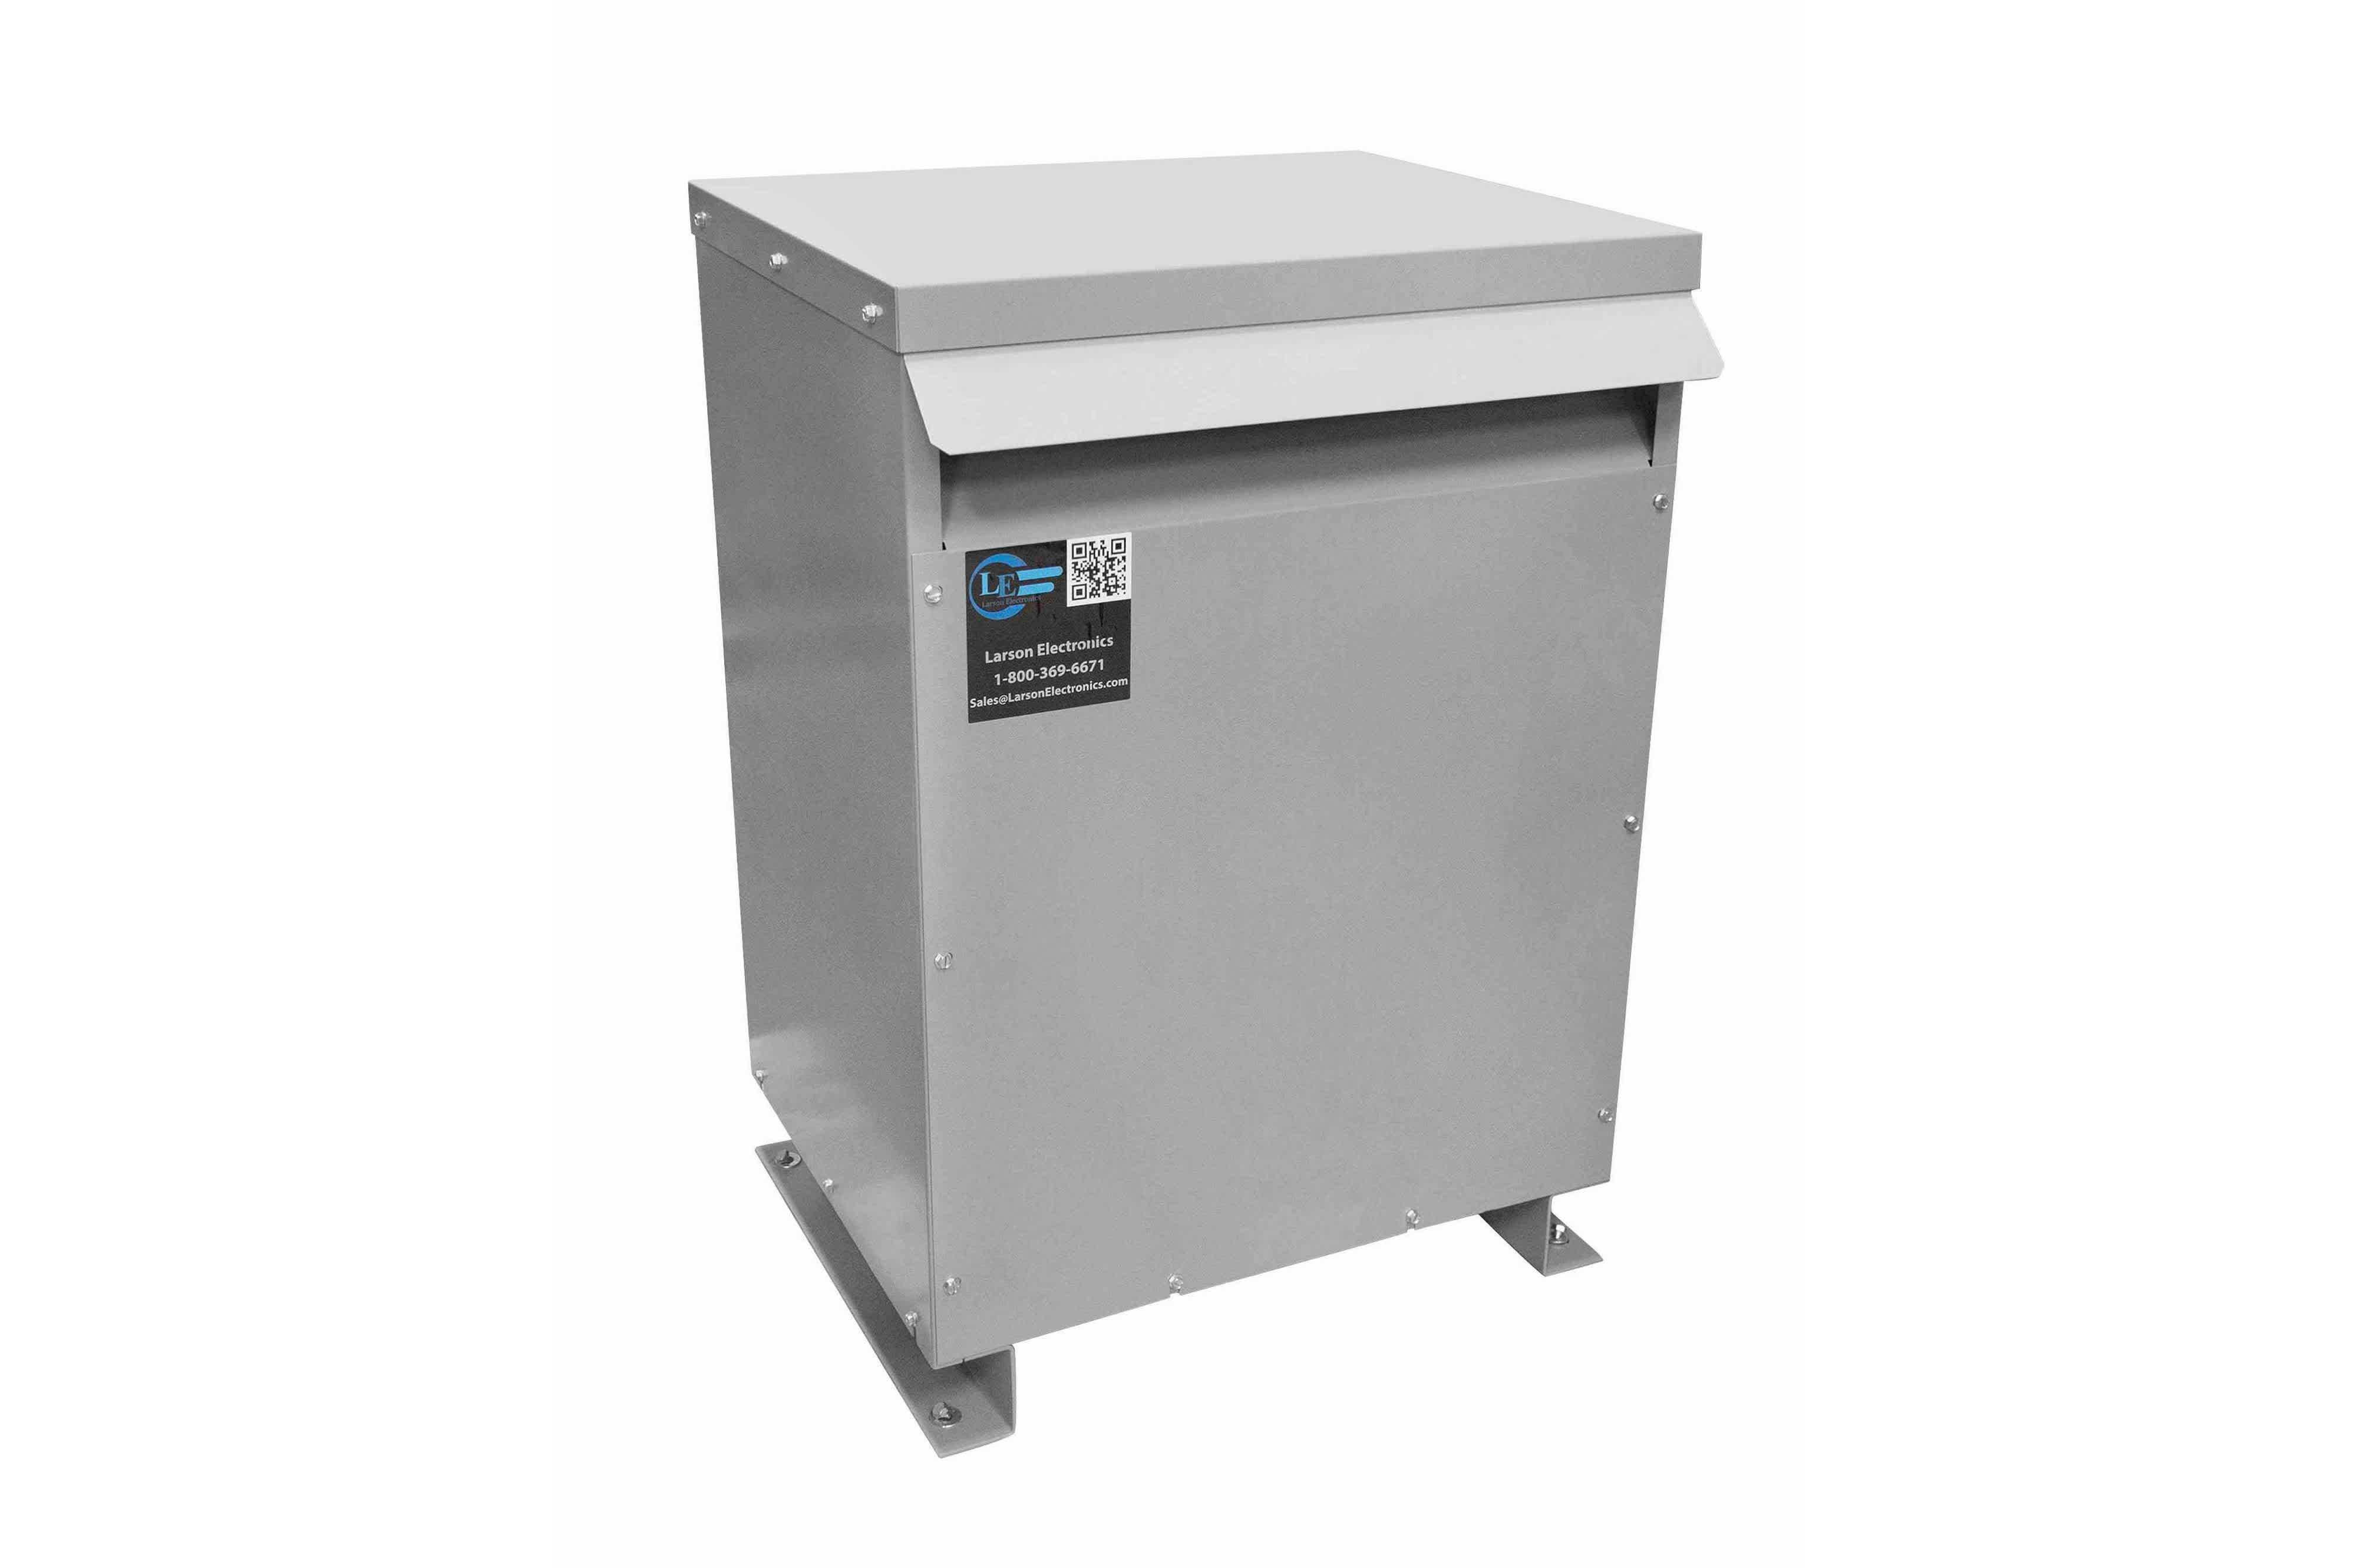 26 kVA 3PH Isolation Transformer, 575V Delta Primary, 380V Delta Secondary, N3R, Ventilated, 60 Hz